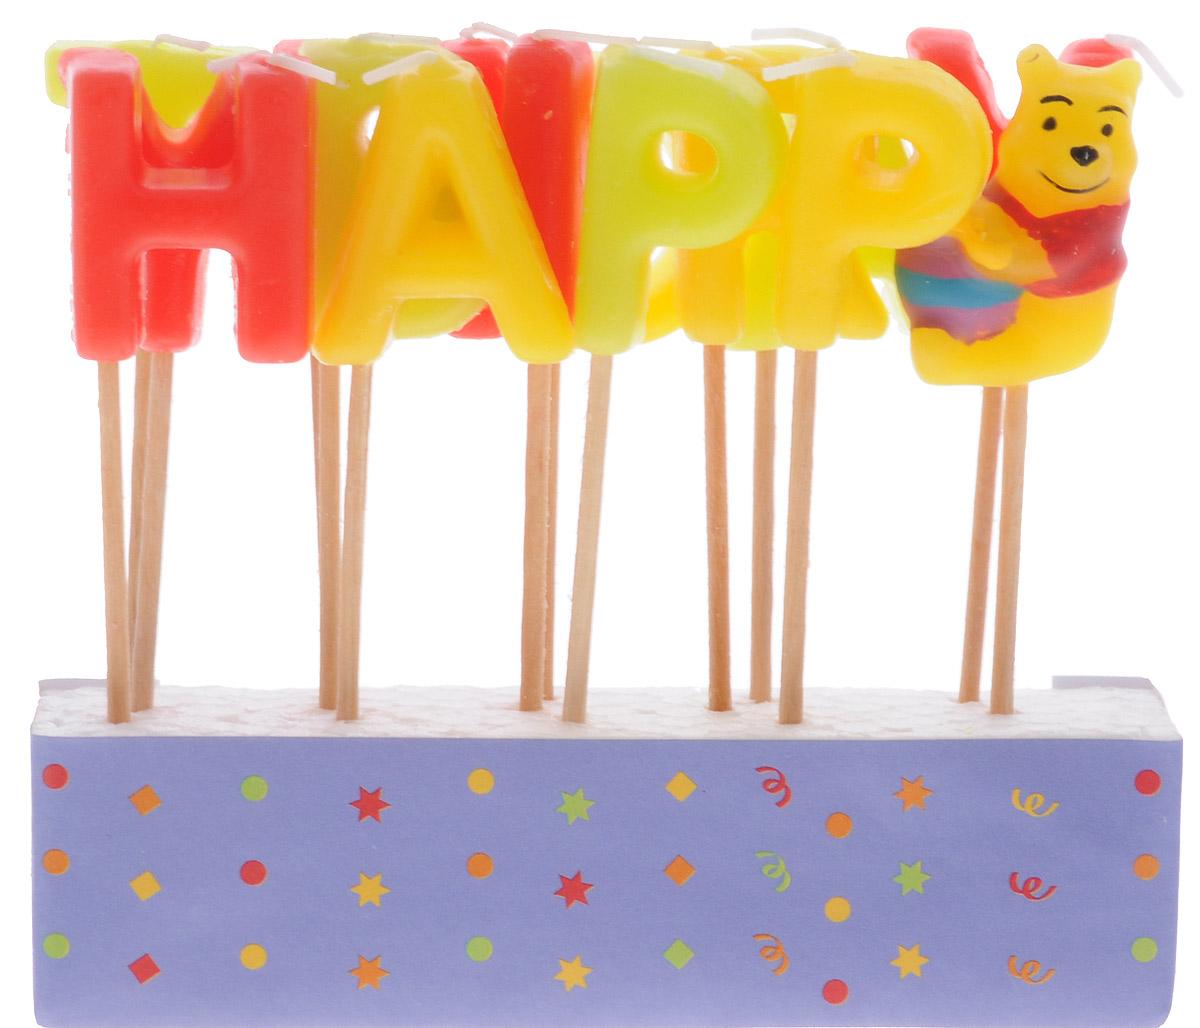 Procos Свечи-буквы для торта детские Винни Happy Birthday9294Свечи-буквы для торта Procos Винни: Happy Birthday - это оригинальные свечи, состоящие из латинских букв, с помощью которых на праздничном торте можно сложить слова Happy Birthday. Каждая свеча находится на деревянной палочке, благодаря чему зафиксировать их в торте не составит трудности. Фигурка любимого всеми Винни Пуха украсит торт. В наборе: 13 свечей-букв и 1 свечка с фигуркой Винни.